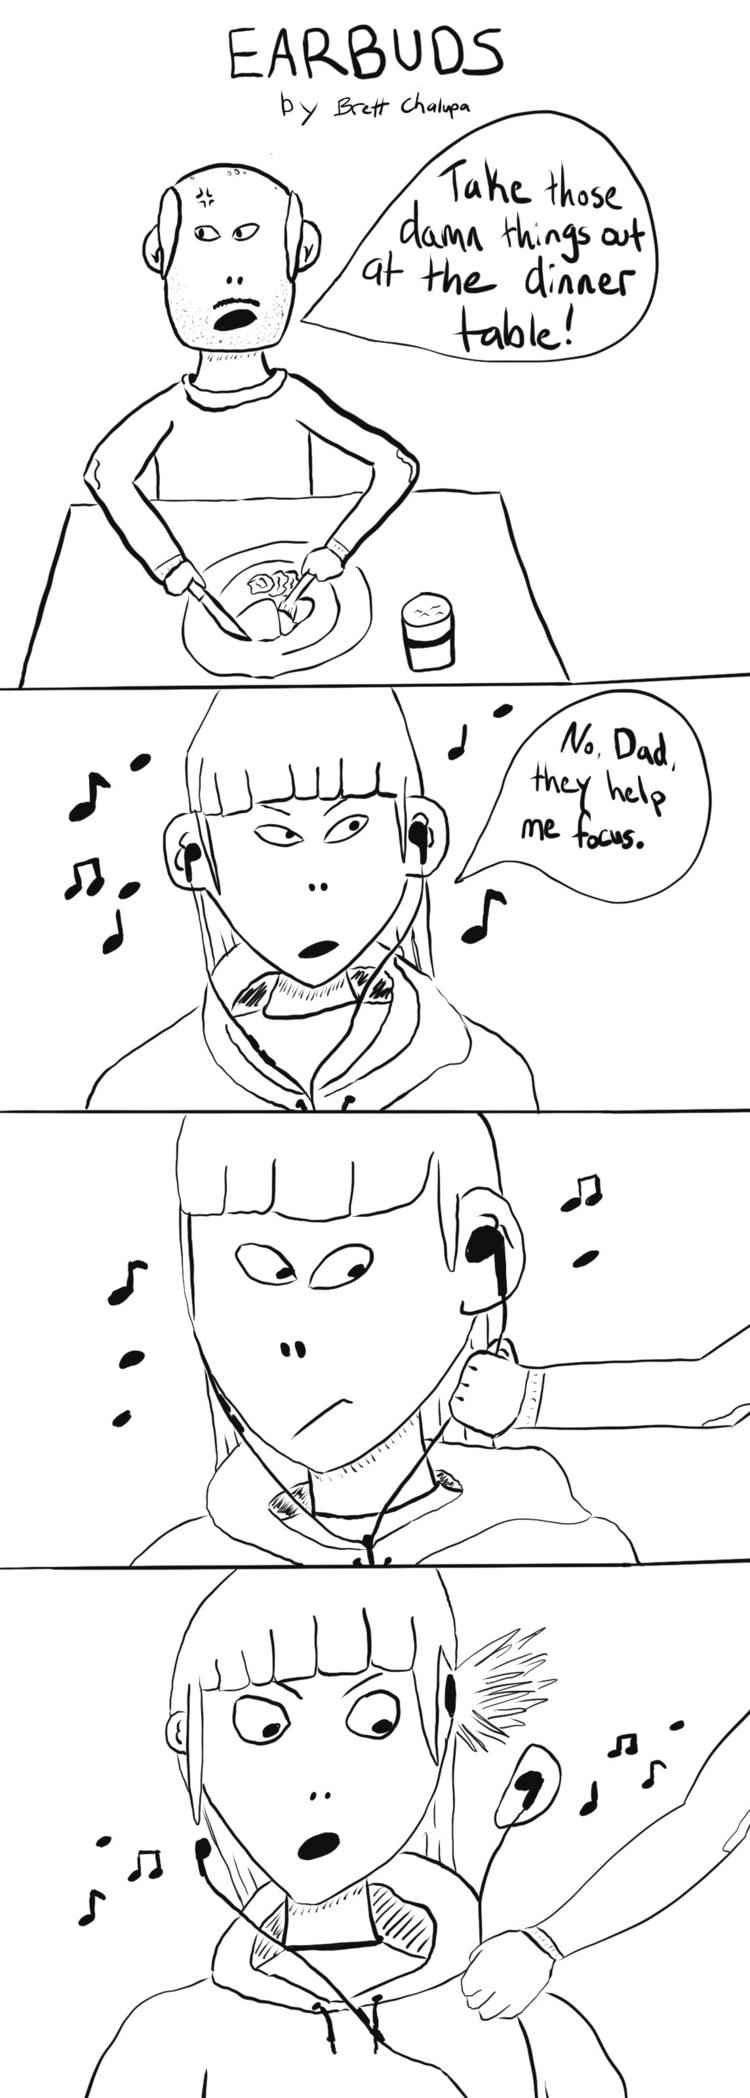 wireless headphones - brettchalupa   ello